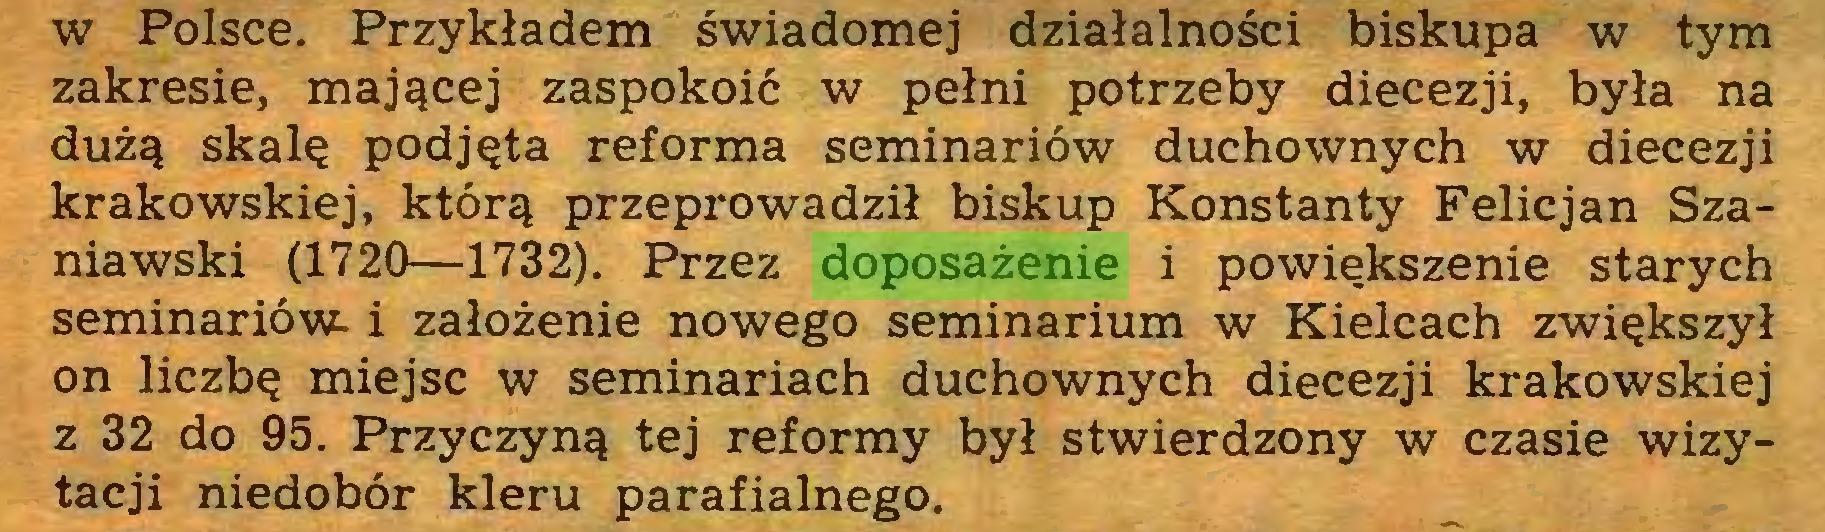 (...) w Polsce. Przykładem świadomej działalności biskupa w tym zakresie, mającej zaspokoić w pełni potrzeby diecezji, była na dużą skalę podjęta reforma seminariów duchownych w diecezji krakowskiej, którą przeprowadził biskup Konstanty Felicjan Szaniawski (1720—1732). Przez doposażenie i powiększenie starych seminariów- i założenie nowego seminarium w Kielcach zwiększył on liczbę miejsc w seminariach duchownych diecezji krakowskiej z 32 do 95. Przyczyną tej reformy był stwierdzony w czasie wizytacji niedobór kleru parafialnego...